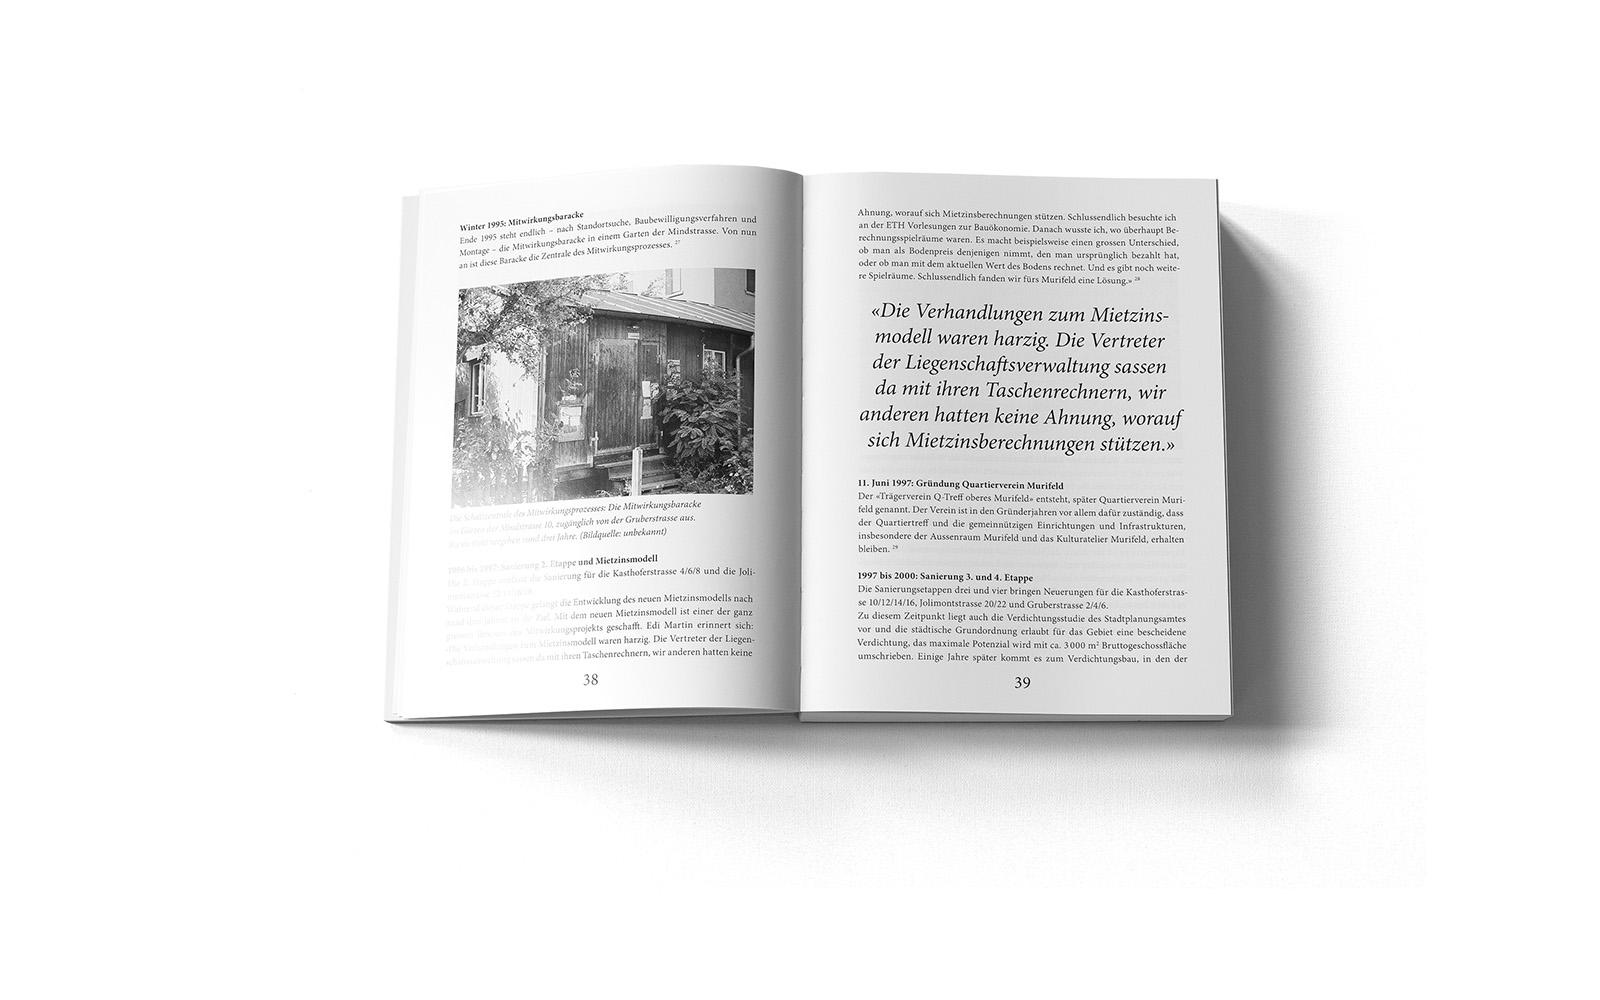 Doppelseite aus dem Murifeldbuch aus dem Kapitel Geschichte (Sonderausgabe)